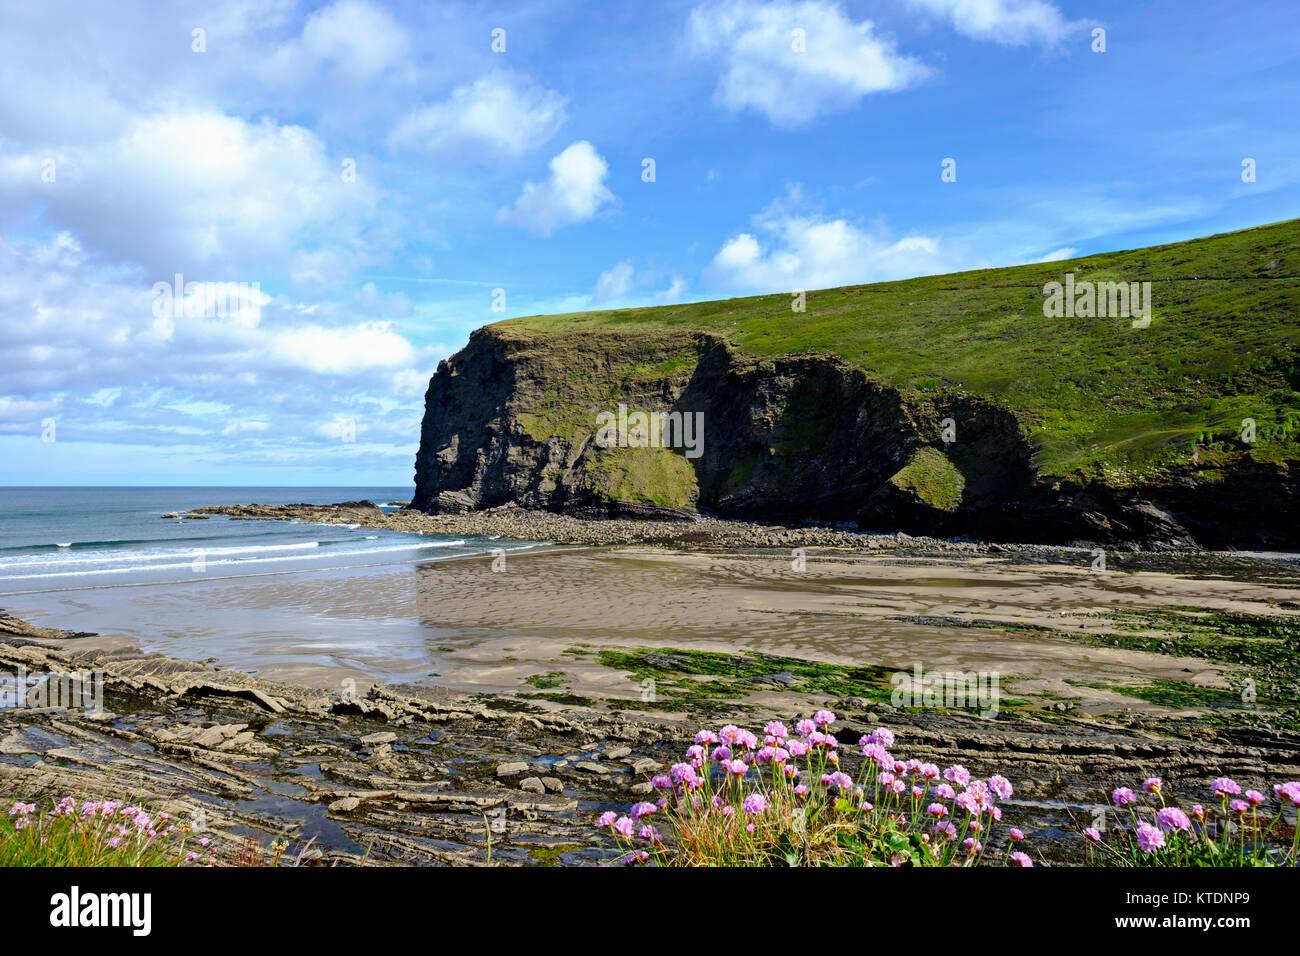 Bucht von Crackington Haven, Cornwall, England, Großbritannien - Stock Image